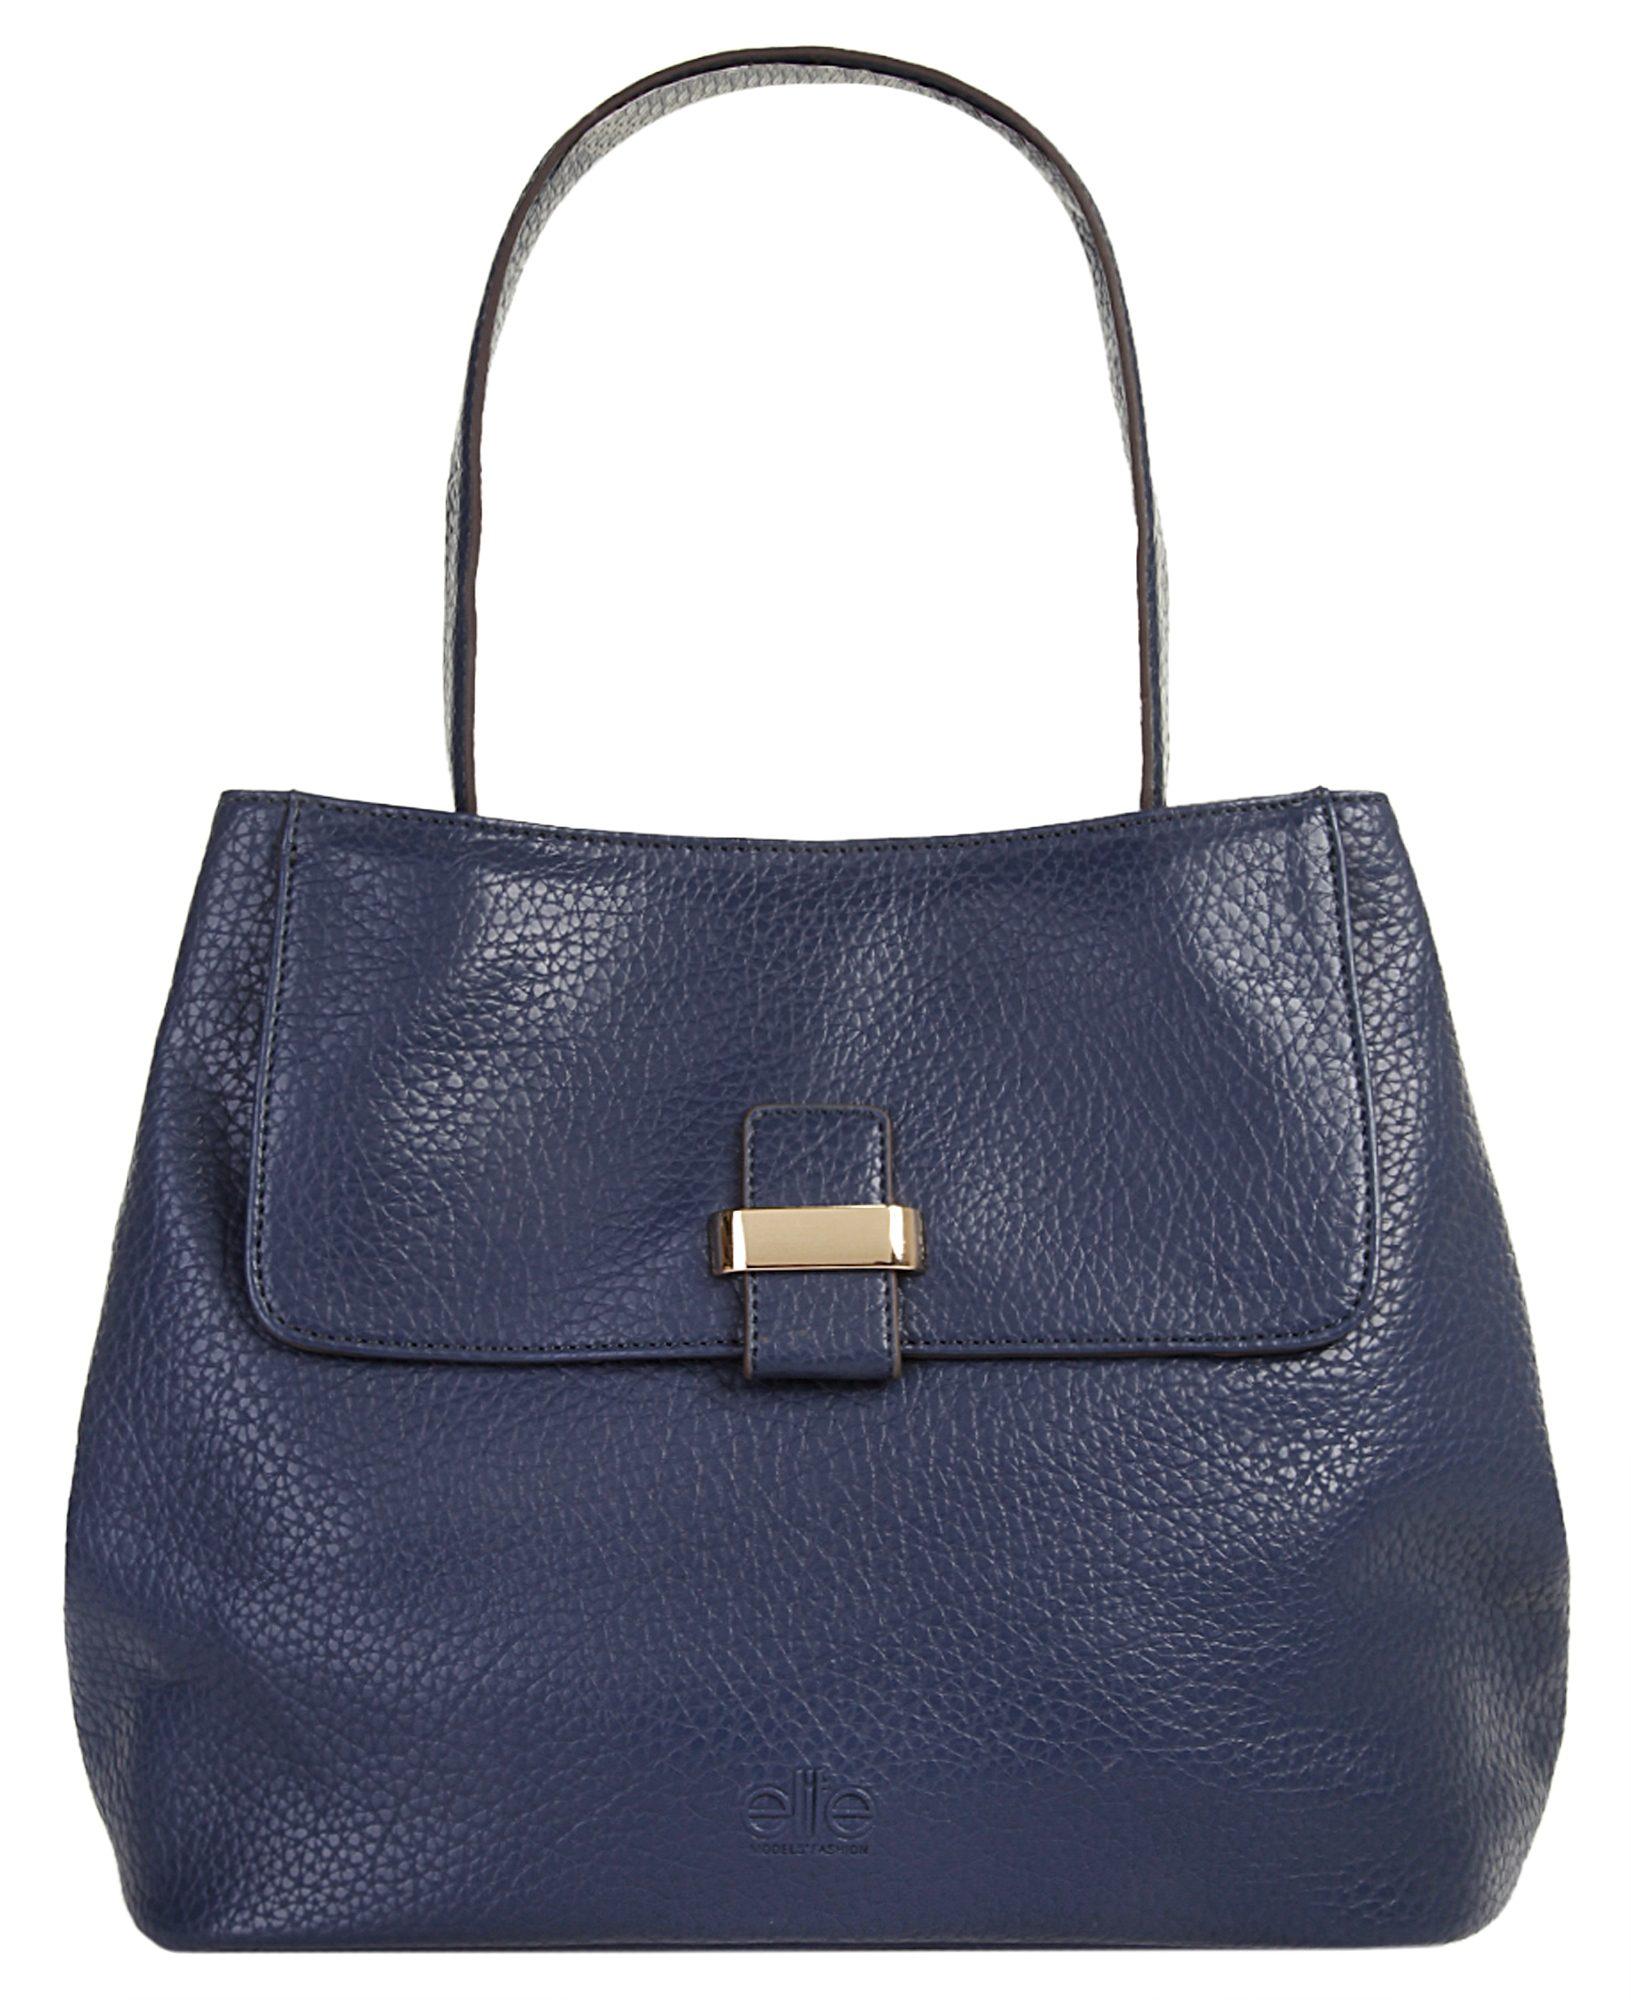 ELITE MODEN Damen Handtasche »Léane«